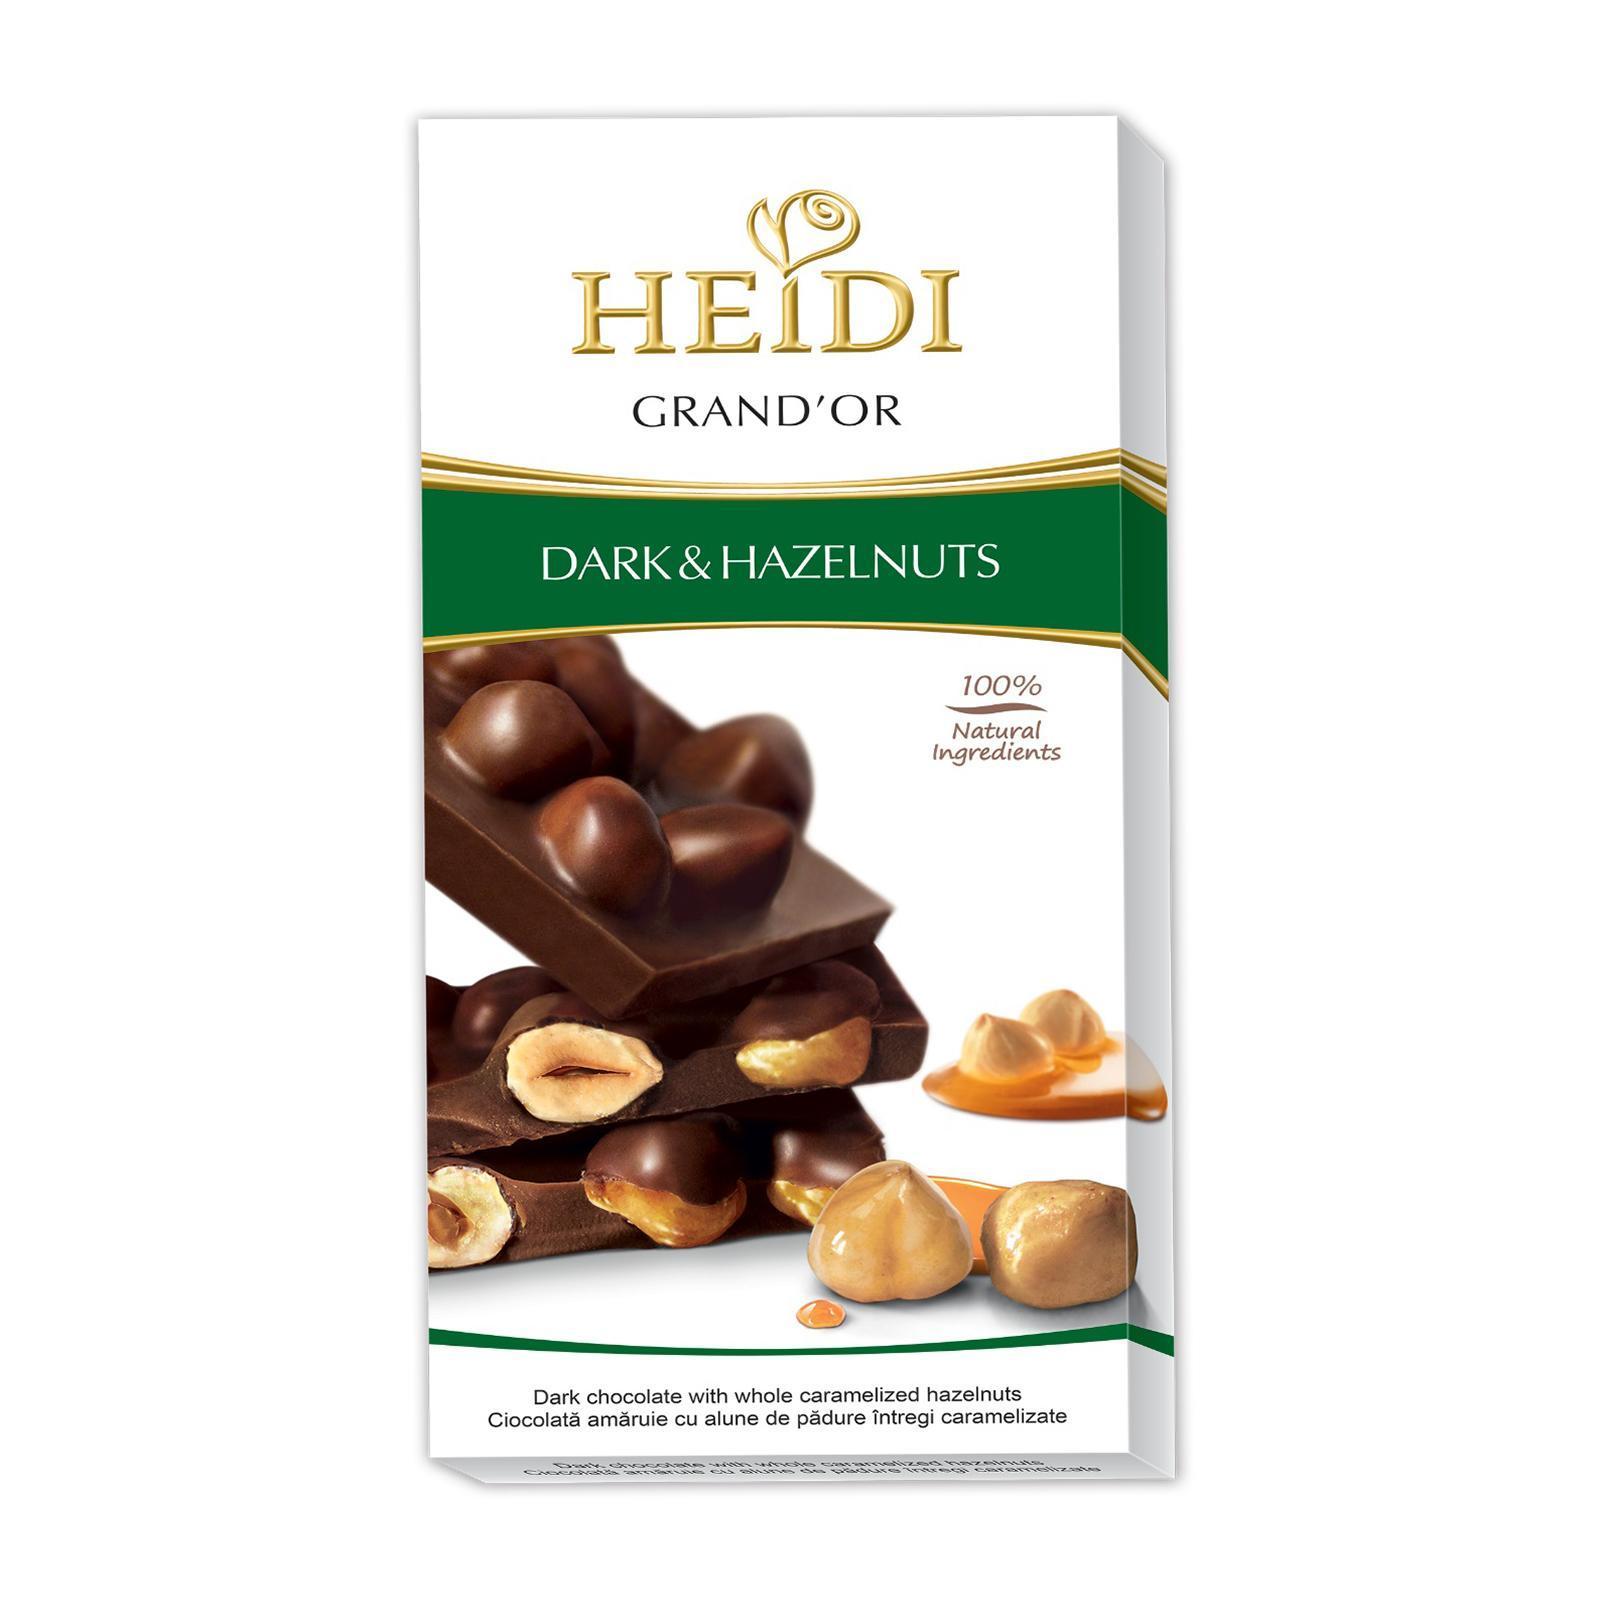 Heidi Grand 'Or Dark Chocolate With Whole Caramelized Hazelnuts